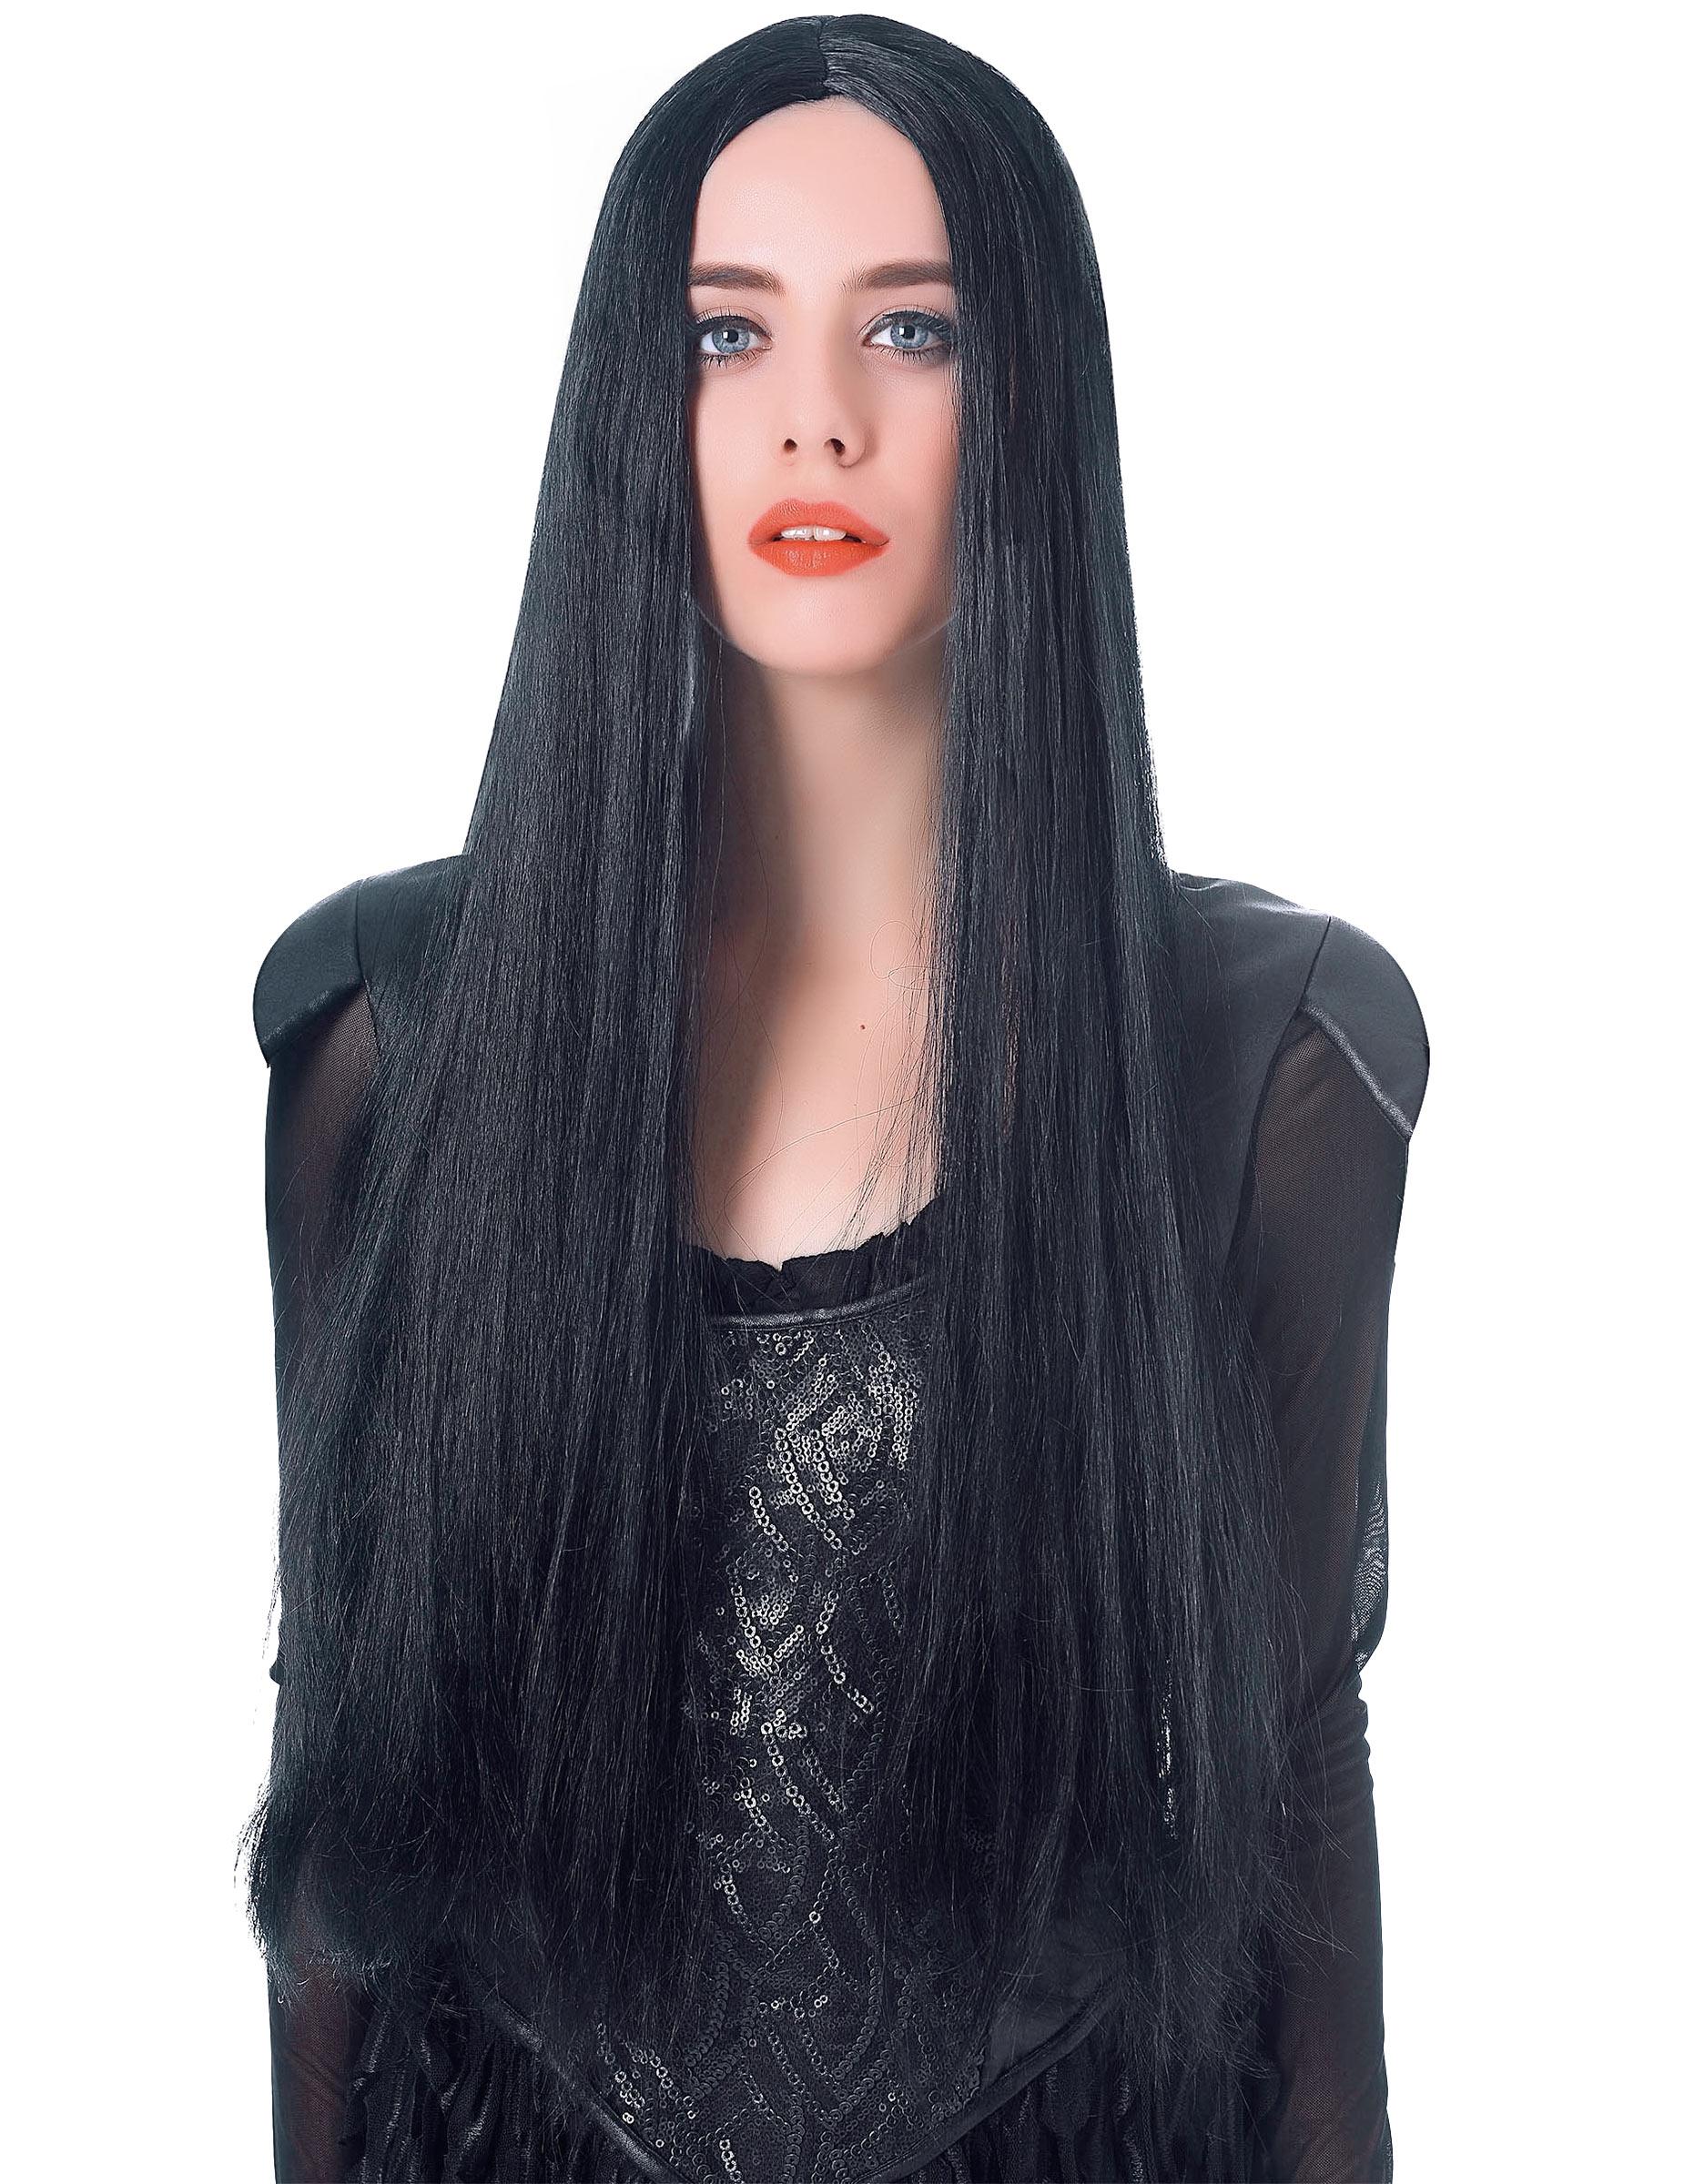 Lange Haare 2017: 50 Frisuren traumhaft weiblich bis